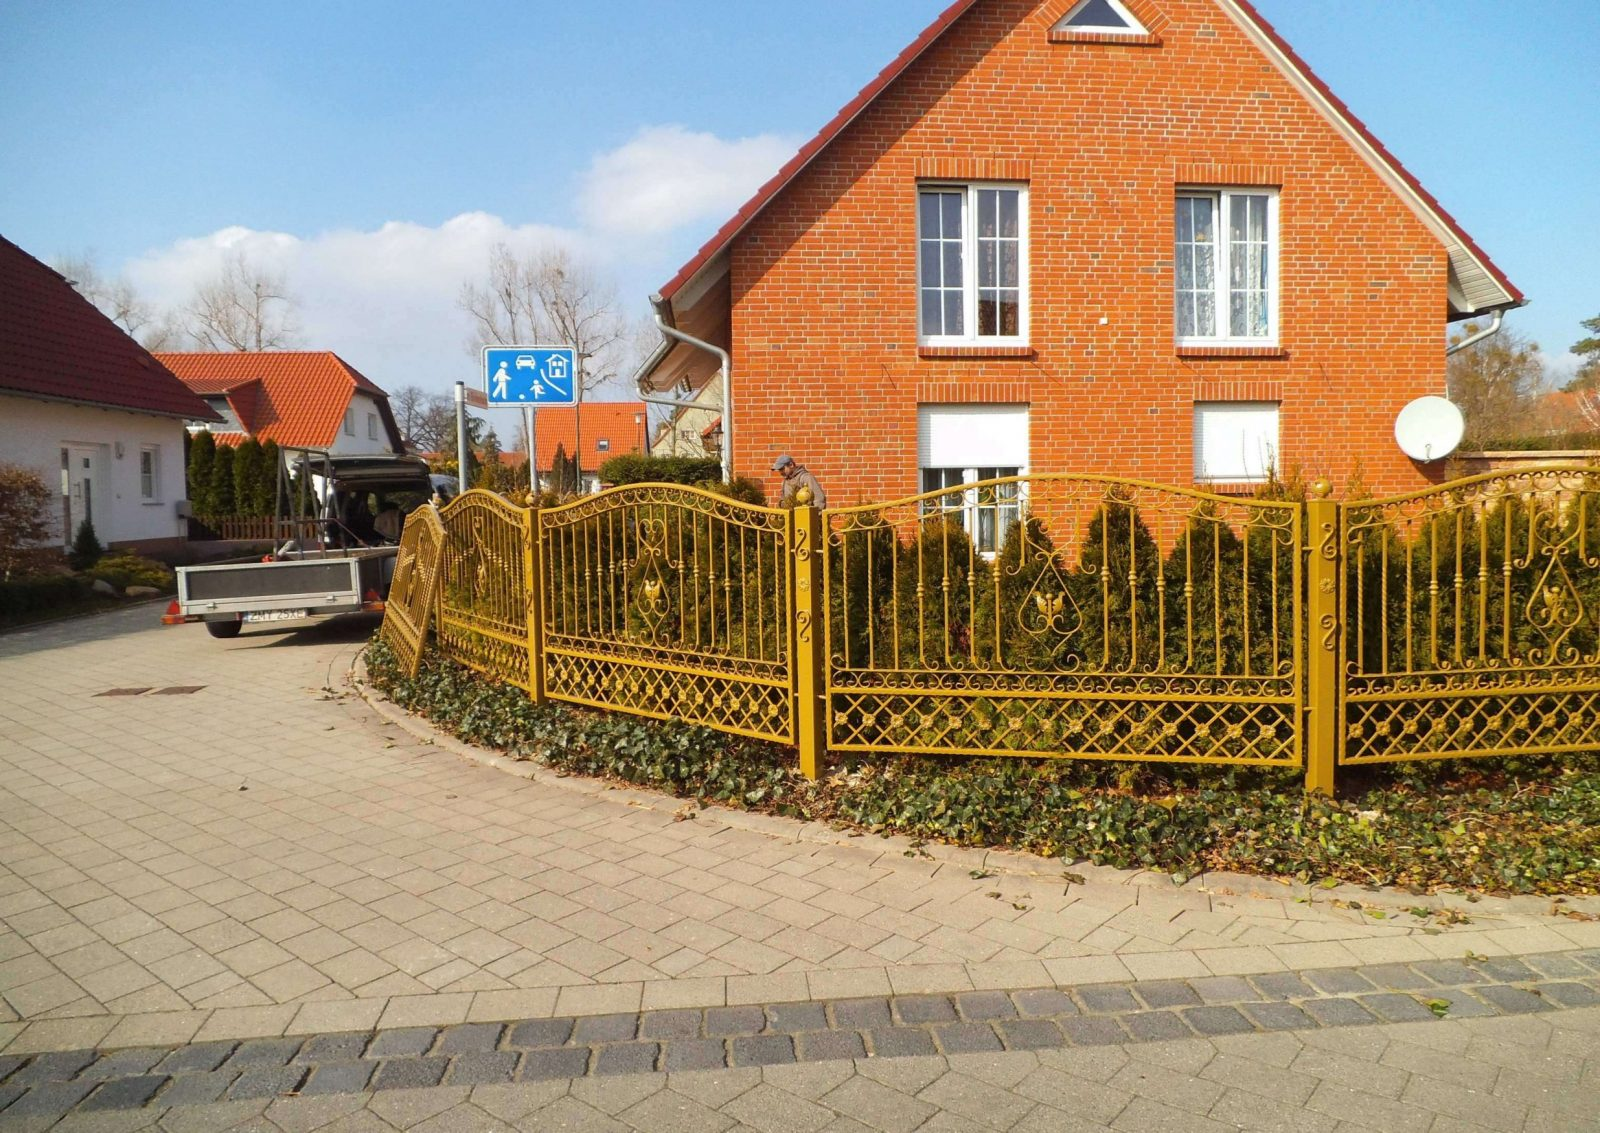 Haustüren Aus Polen Kaufen Ebenfalls Genial Metallzaun Aus Polen von Haustüren Aus Polen Kaufen Bild